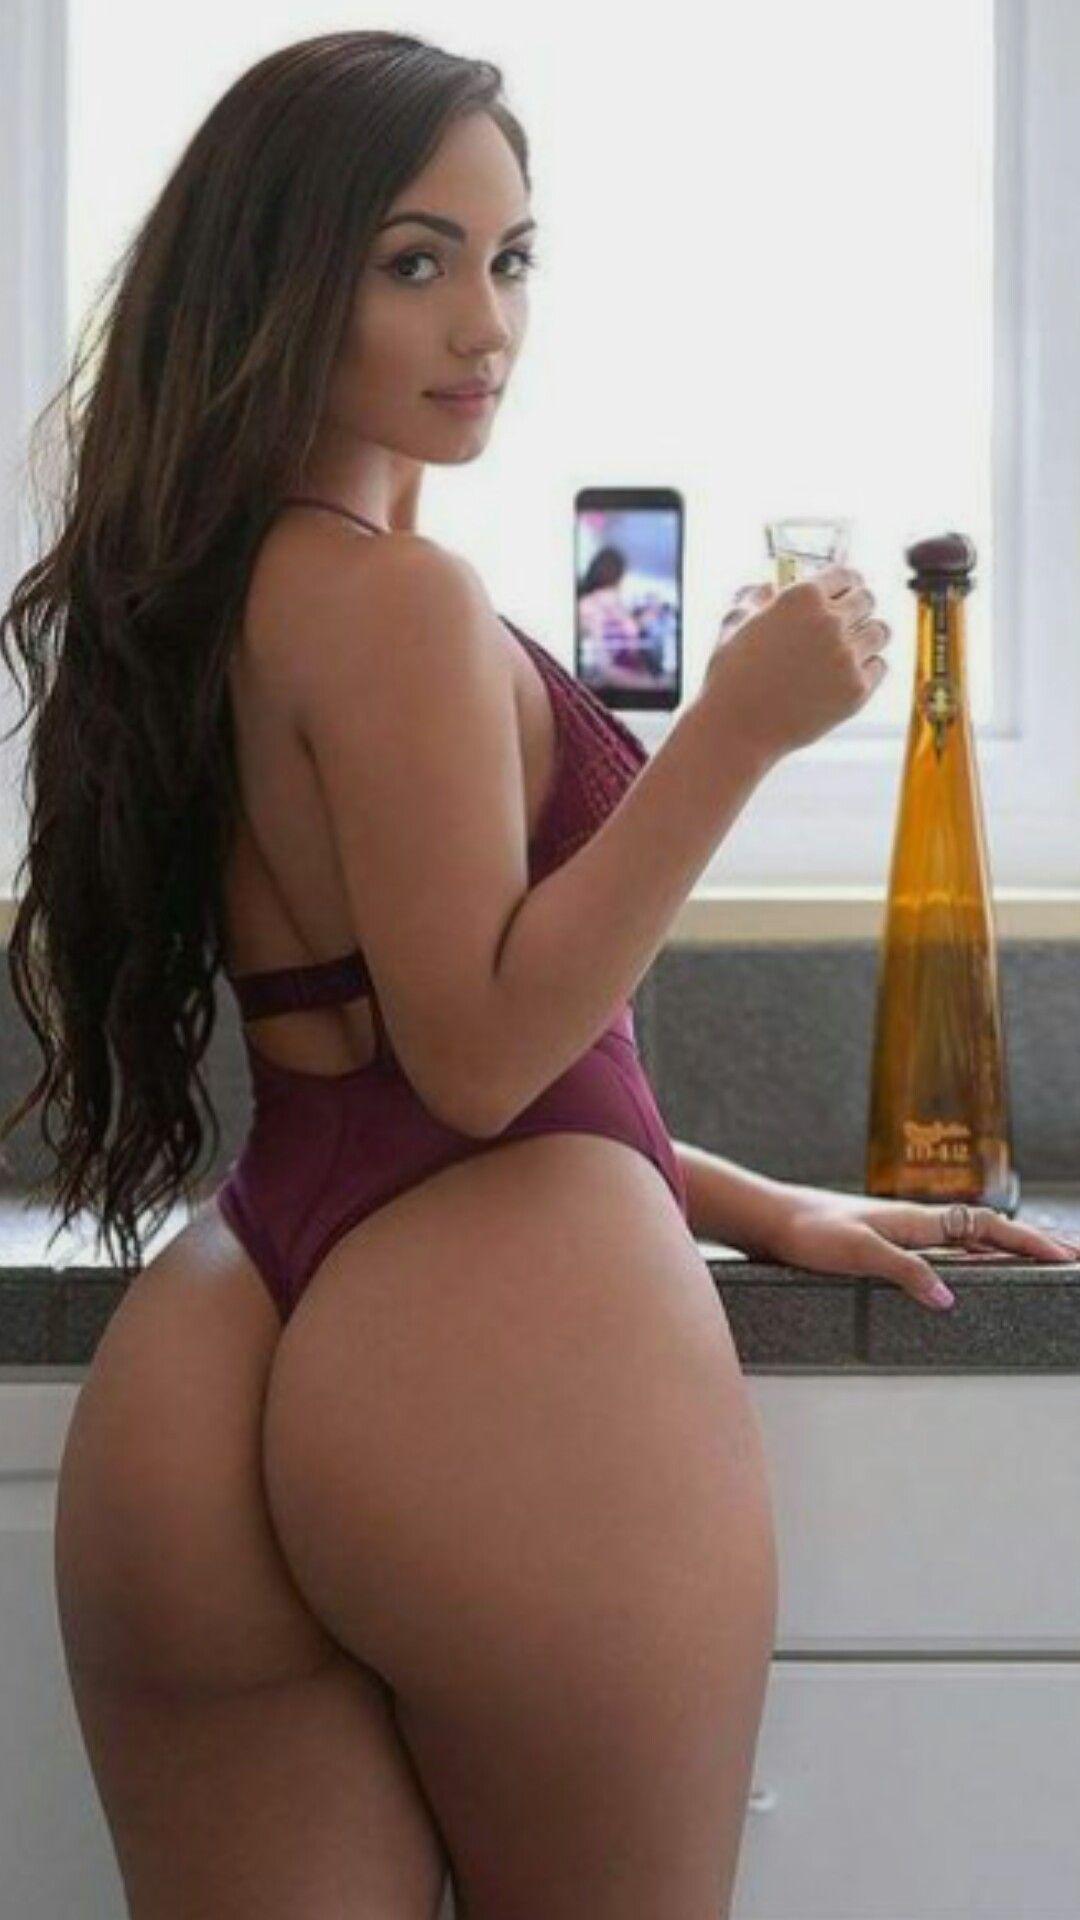 The best female ass 3